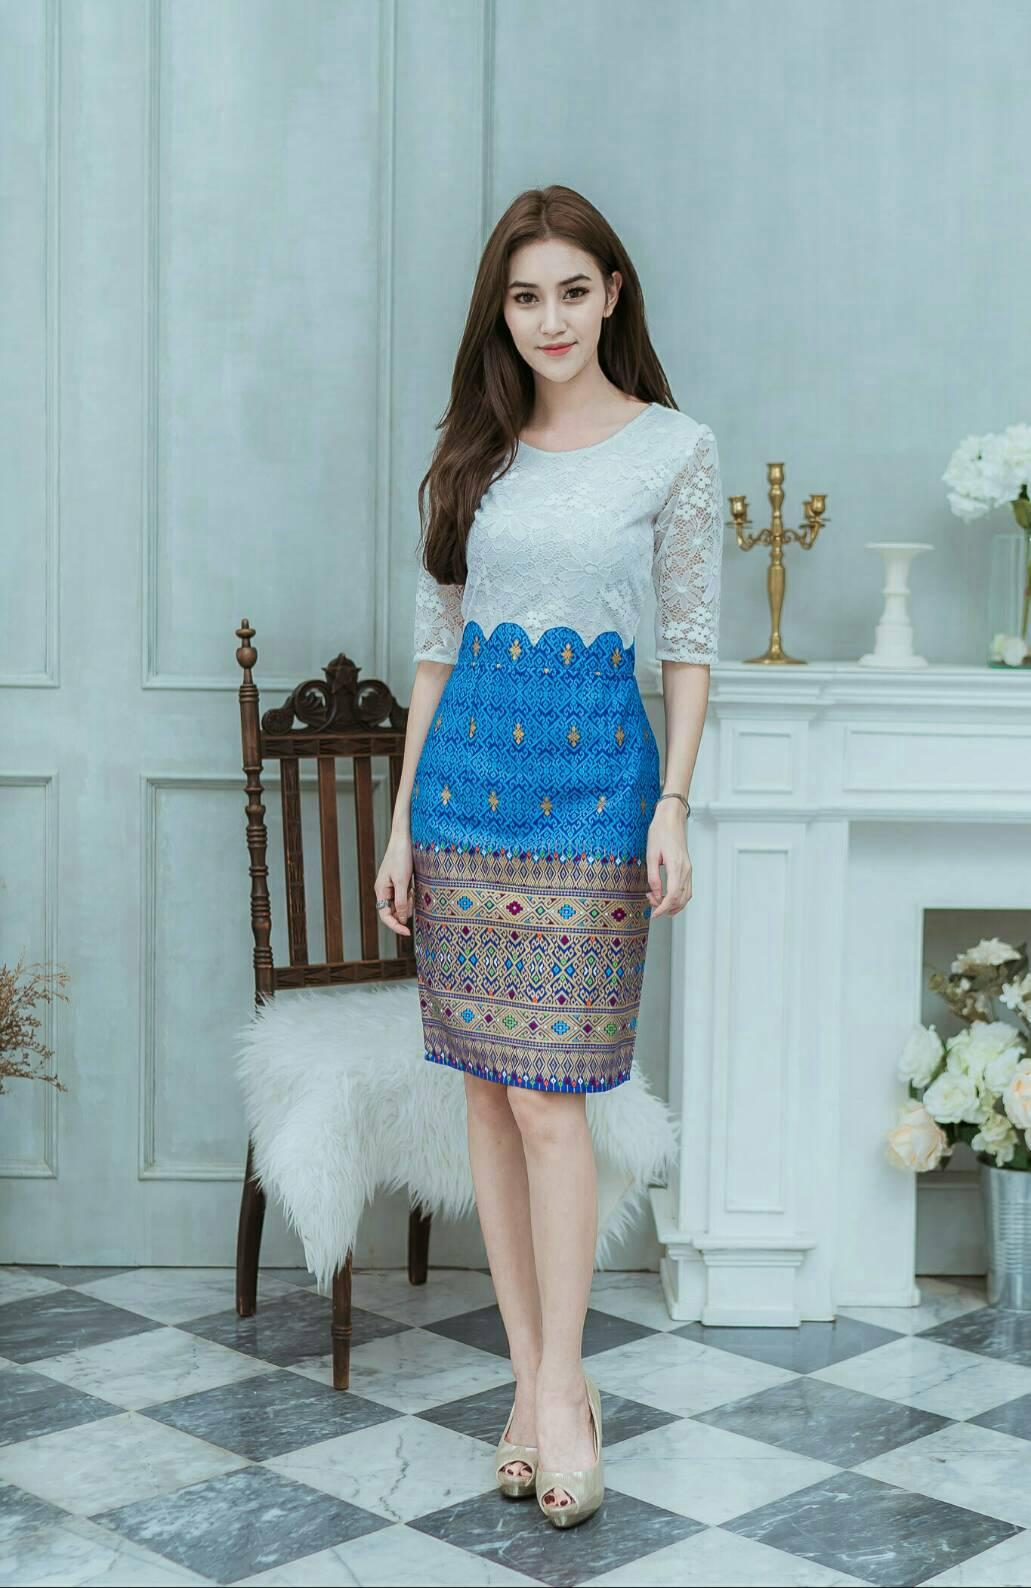 แฟชั่นผ้าไทยทันสมัย